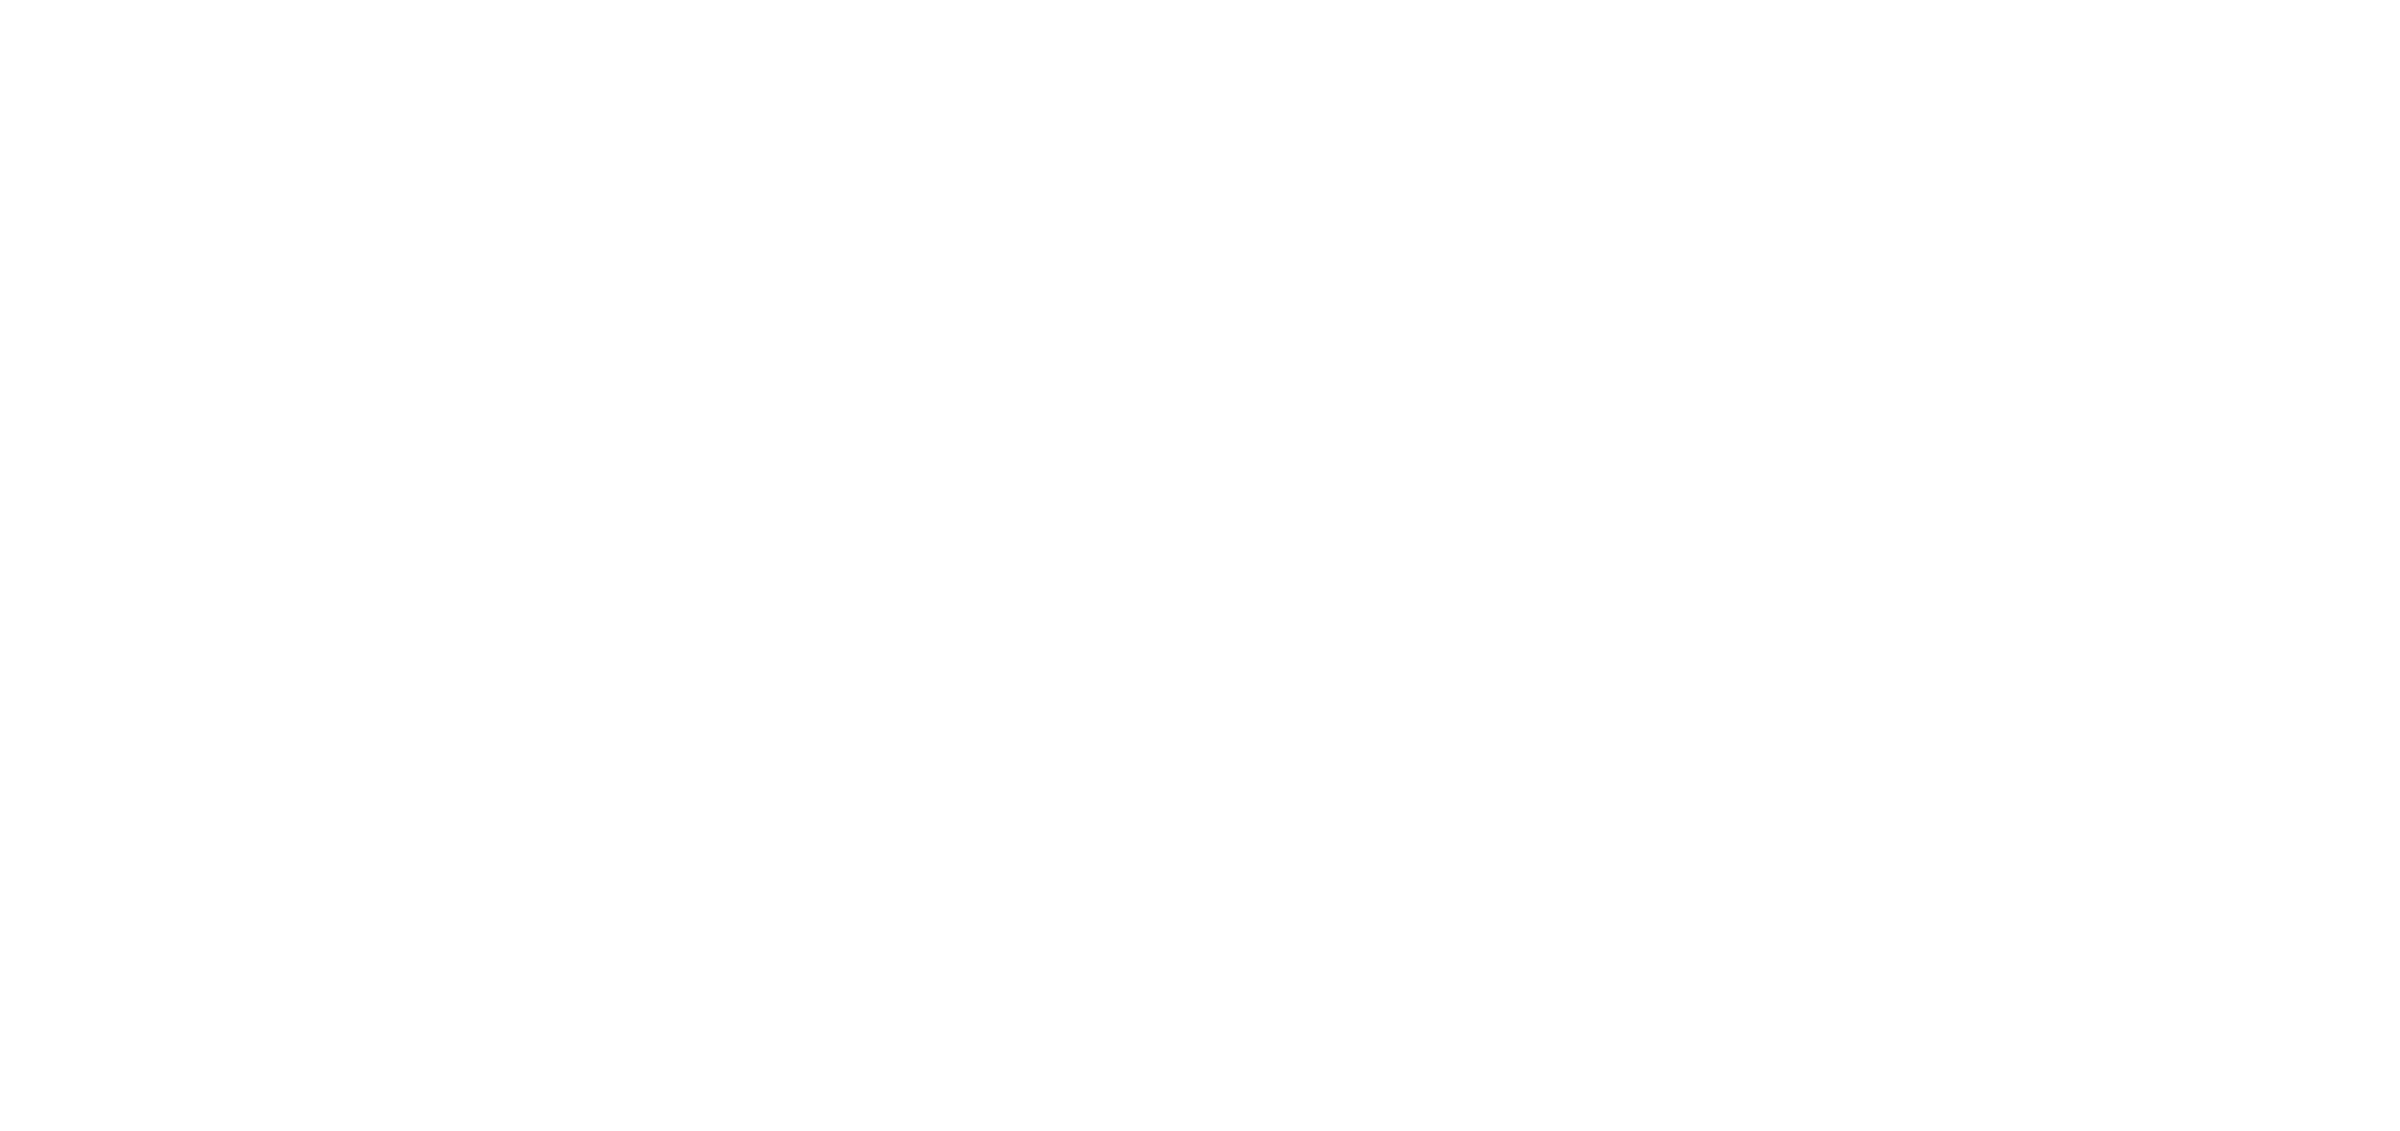 oxytocin bg-2